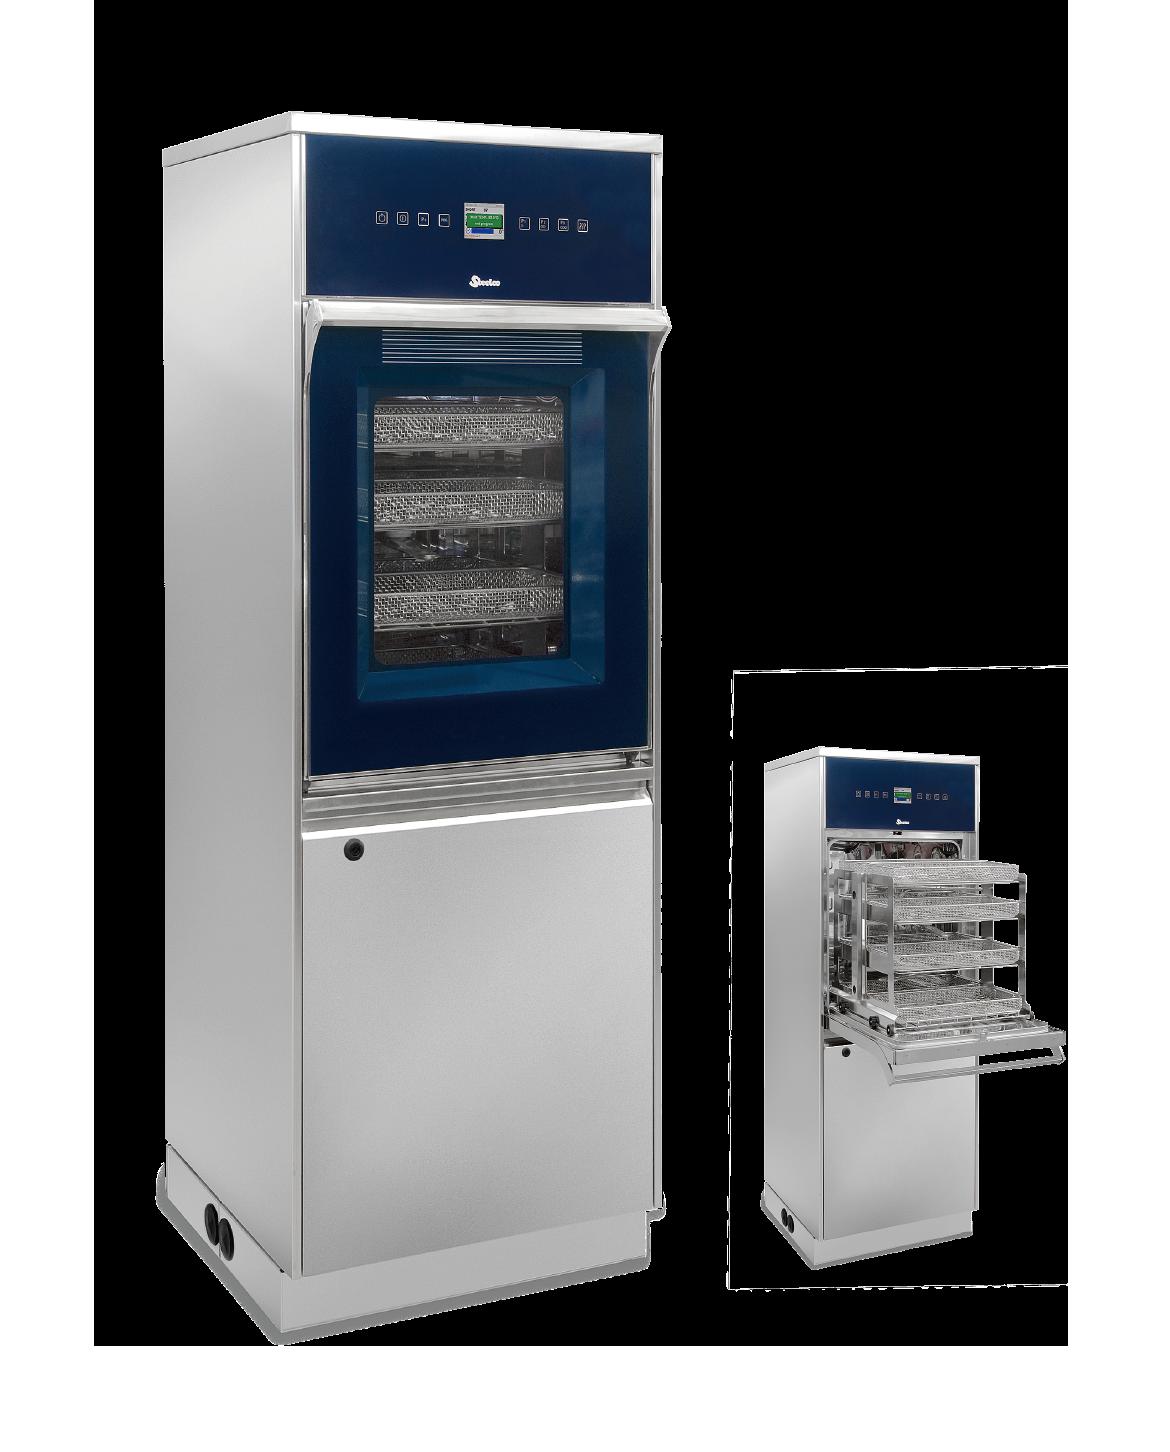 清洗消毒机 DS 600